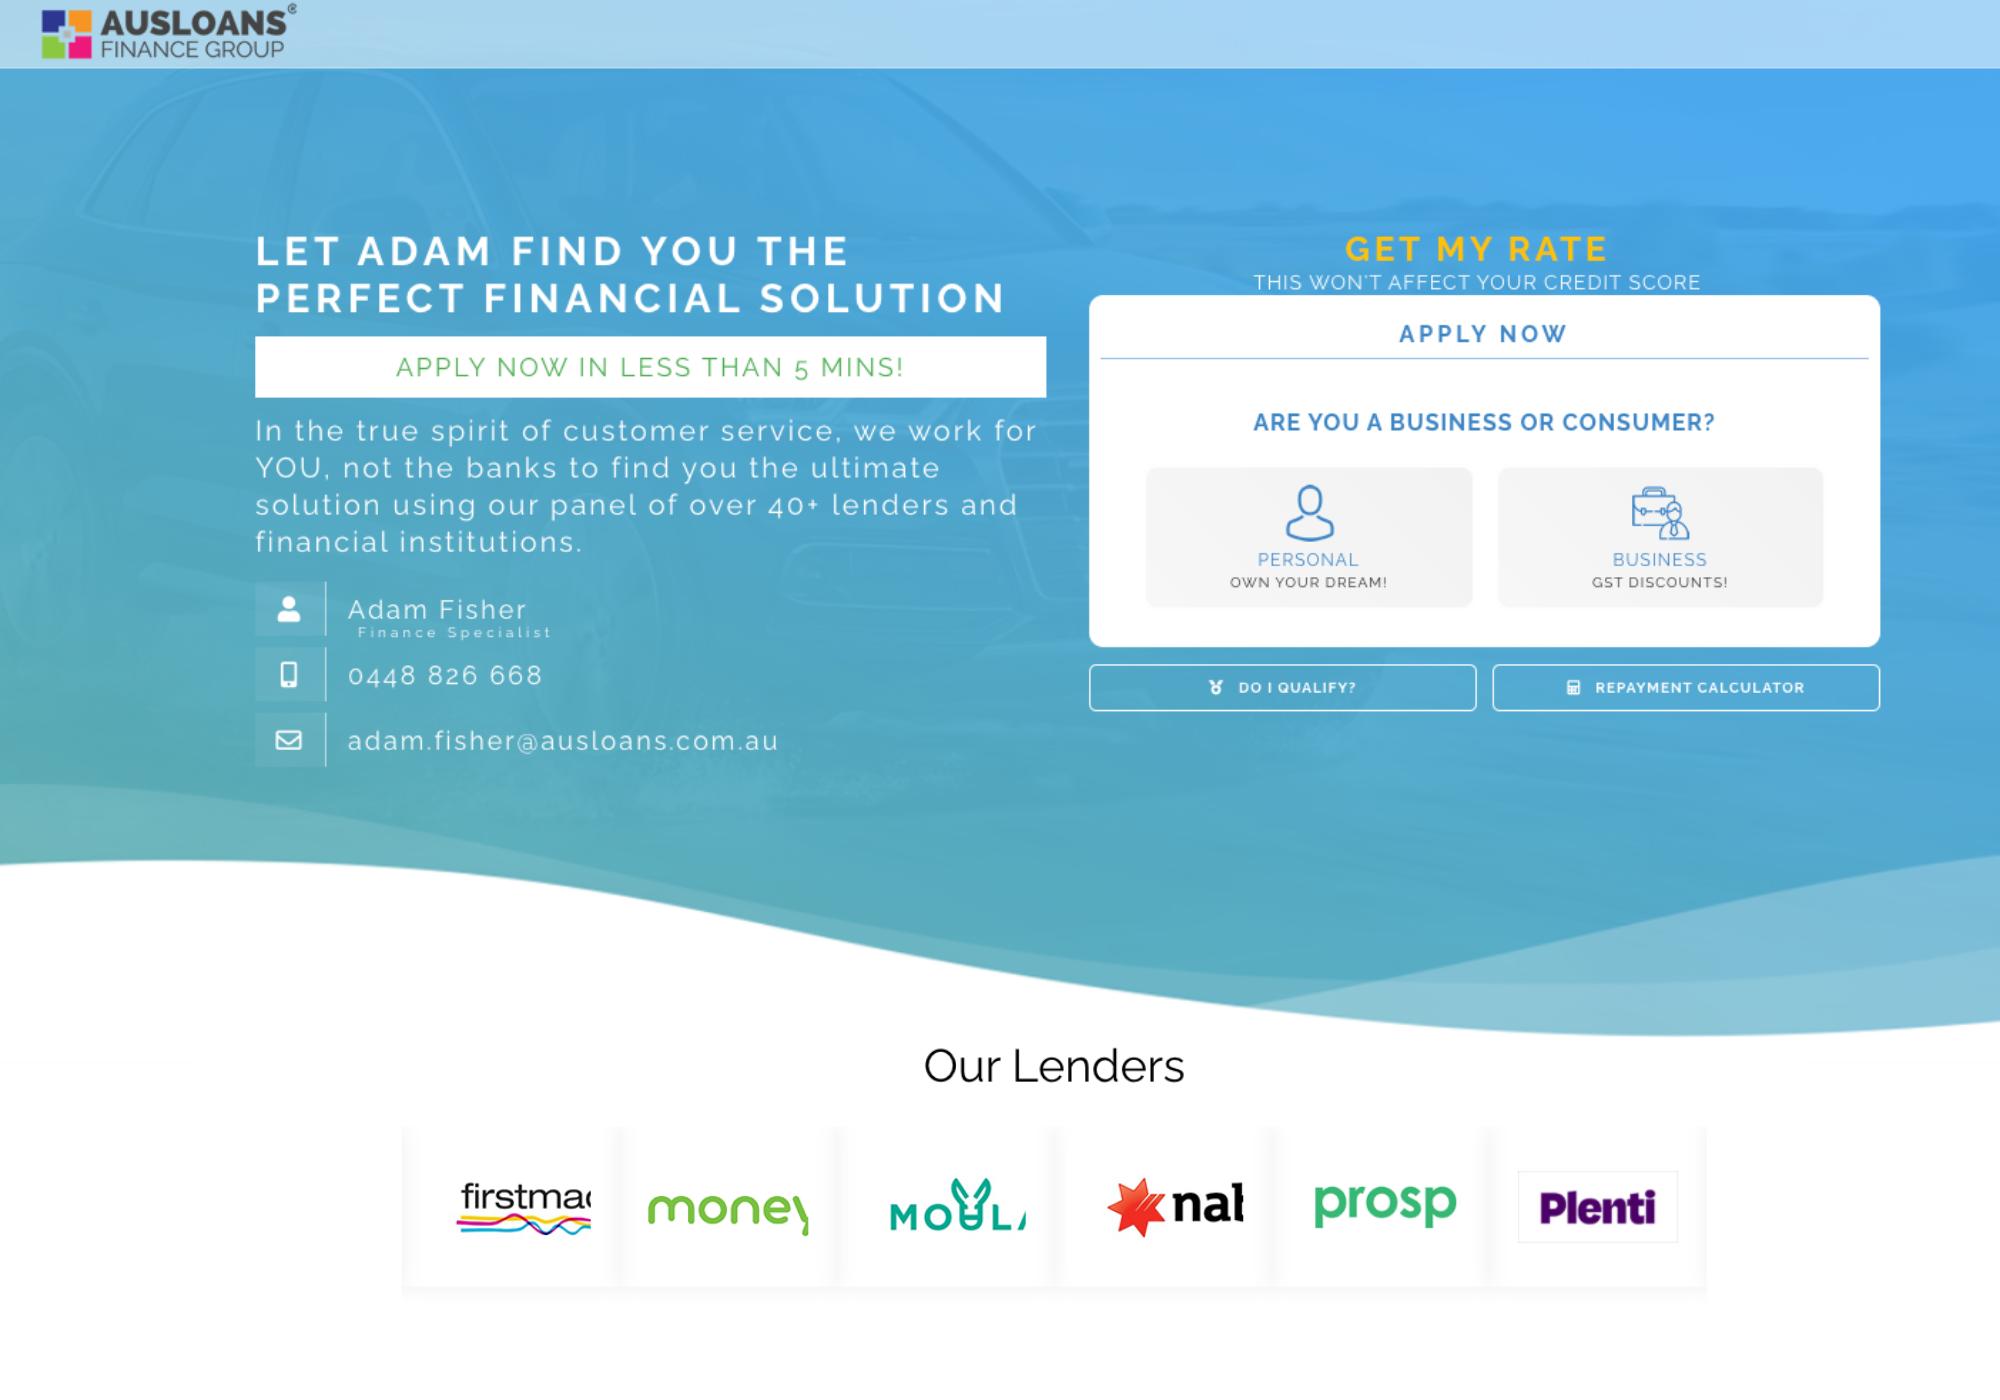 Ausloans marketing support brokers 14